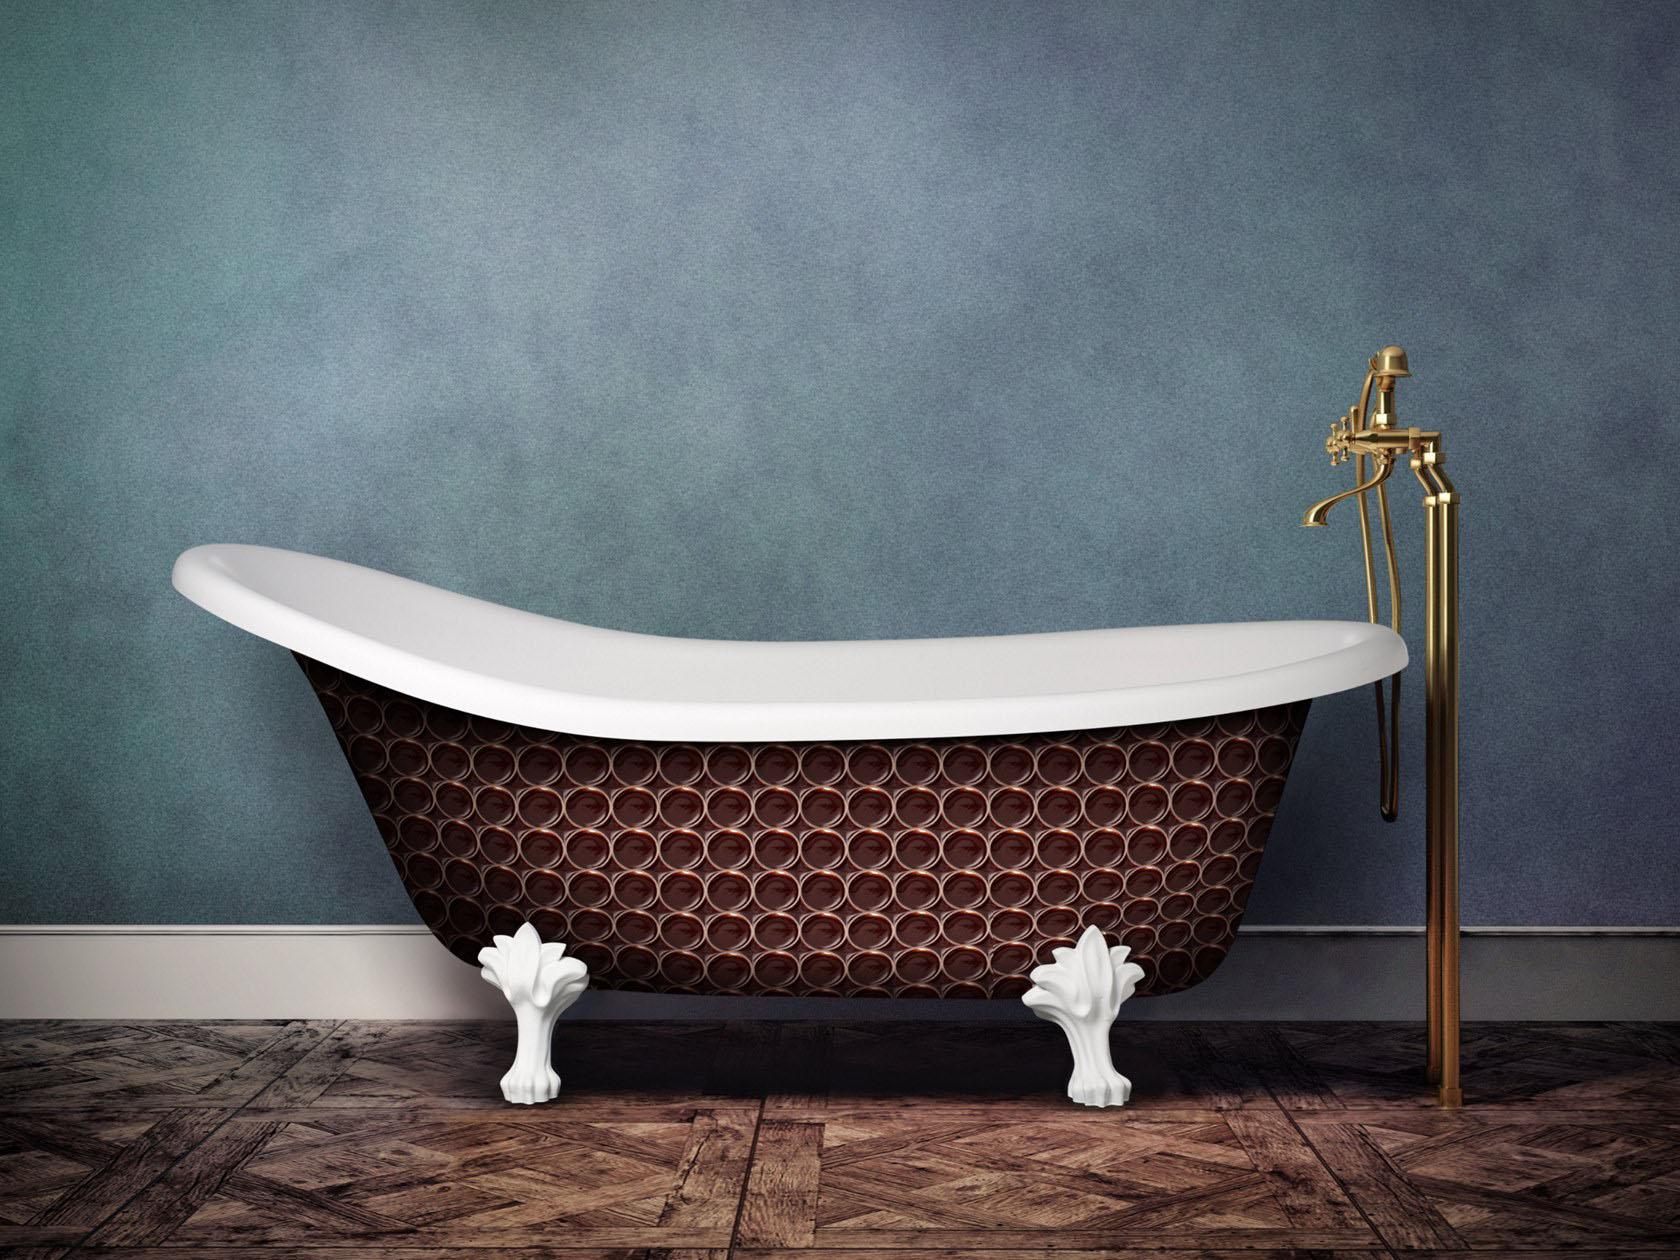 Vasche da bagno? Ecco le più particolari